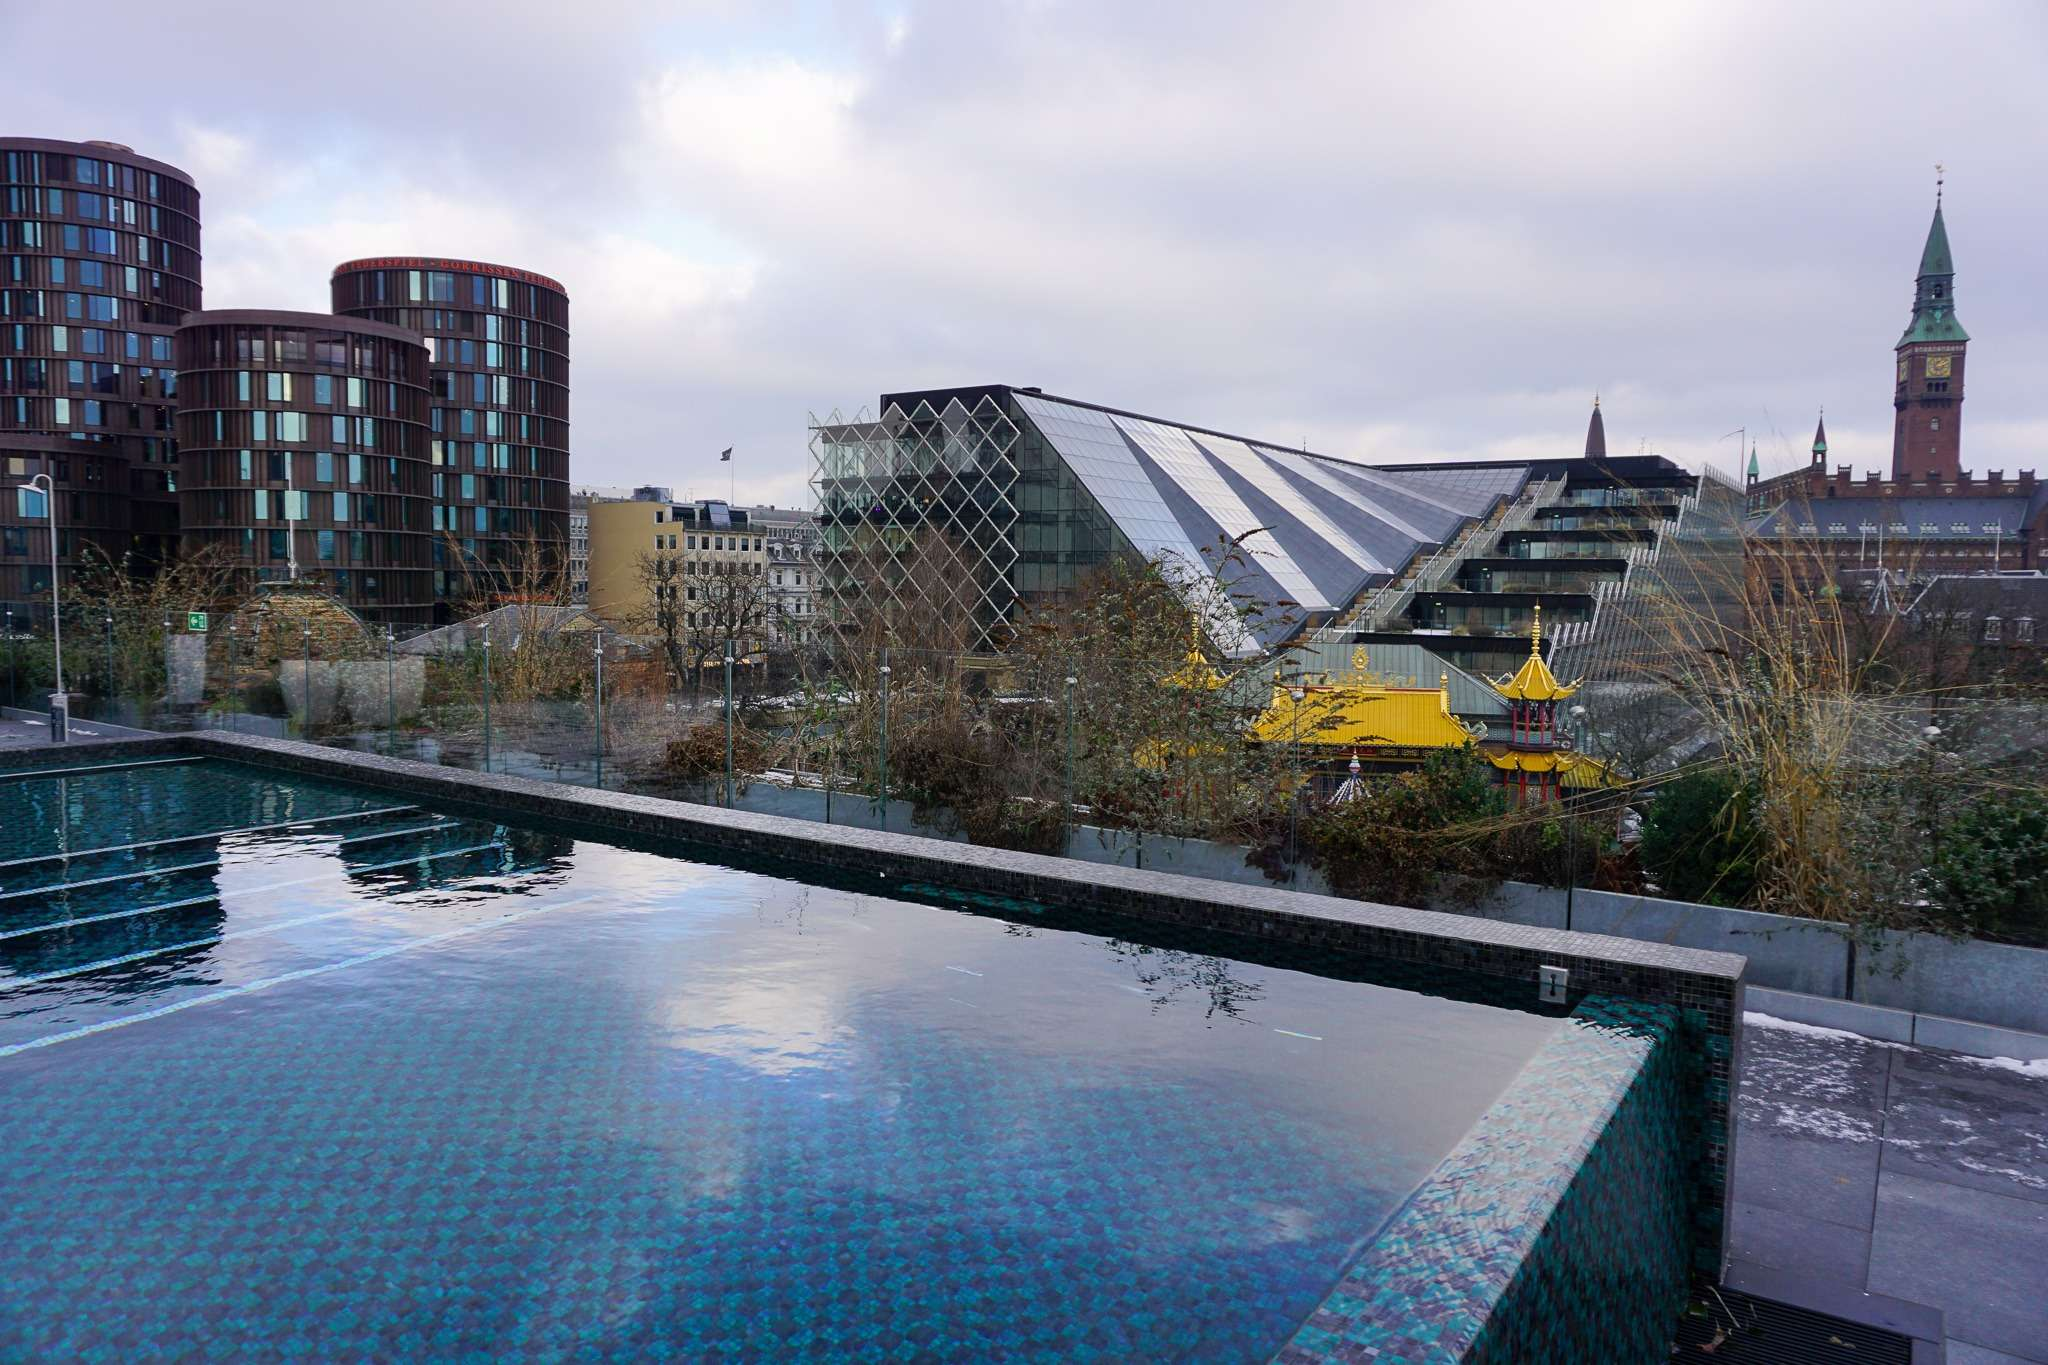 rooftop pool overlooking the city at Nimb Hotel Copenhagen